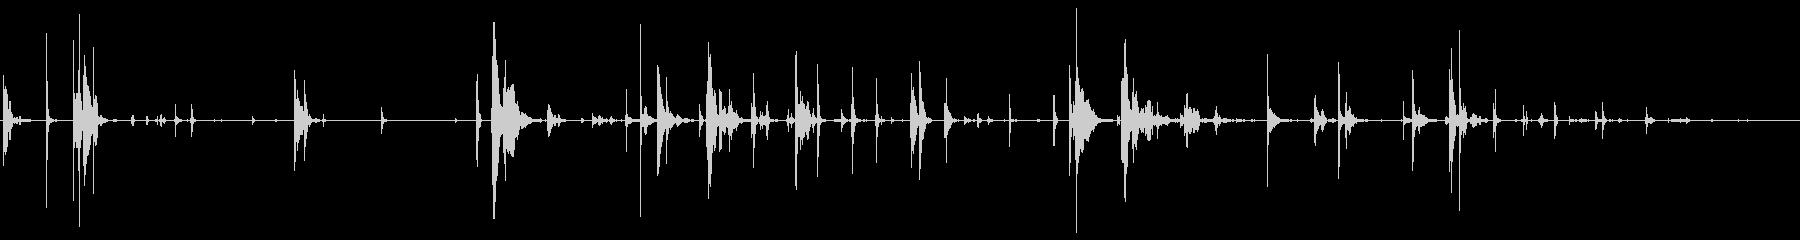 アスファルト、ガン弾丸跳弾、弾丸フ...の未再生の波形